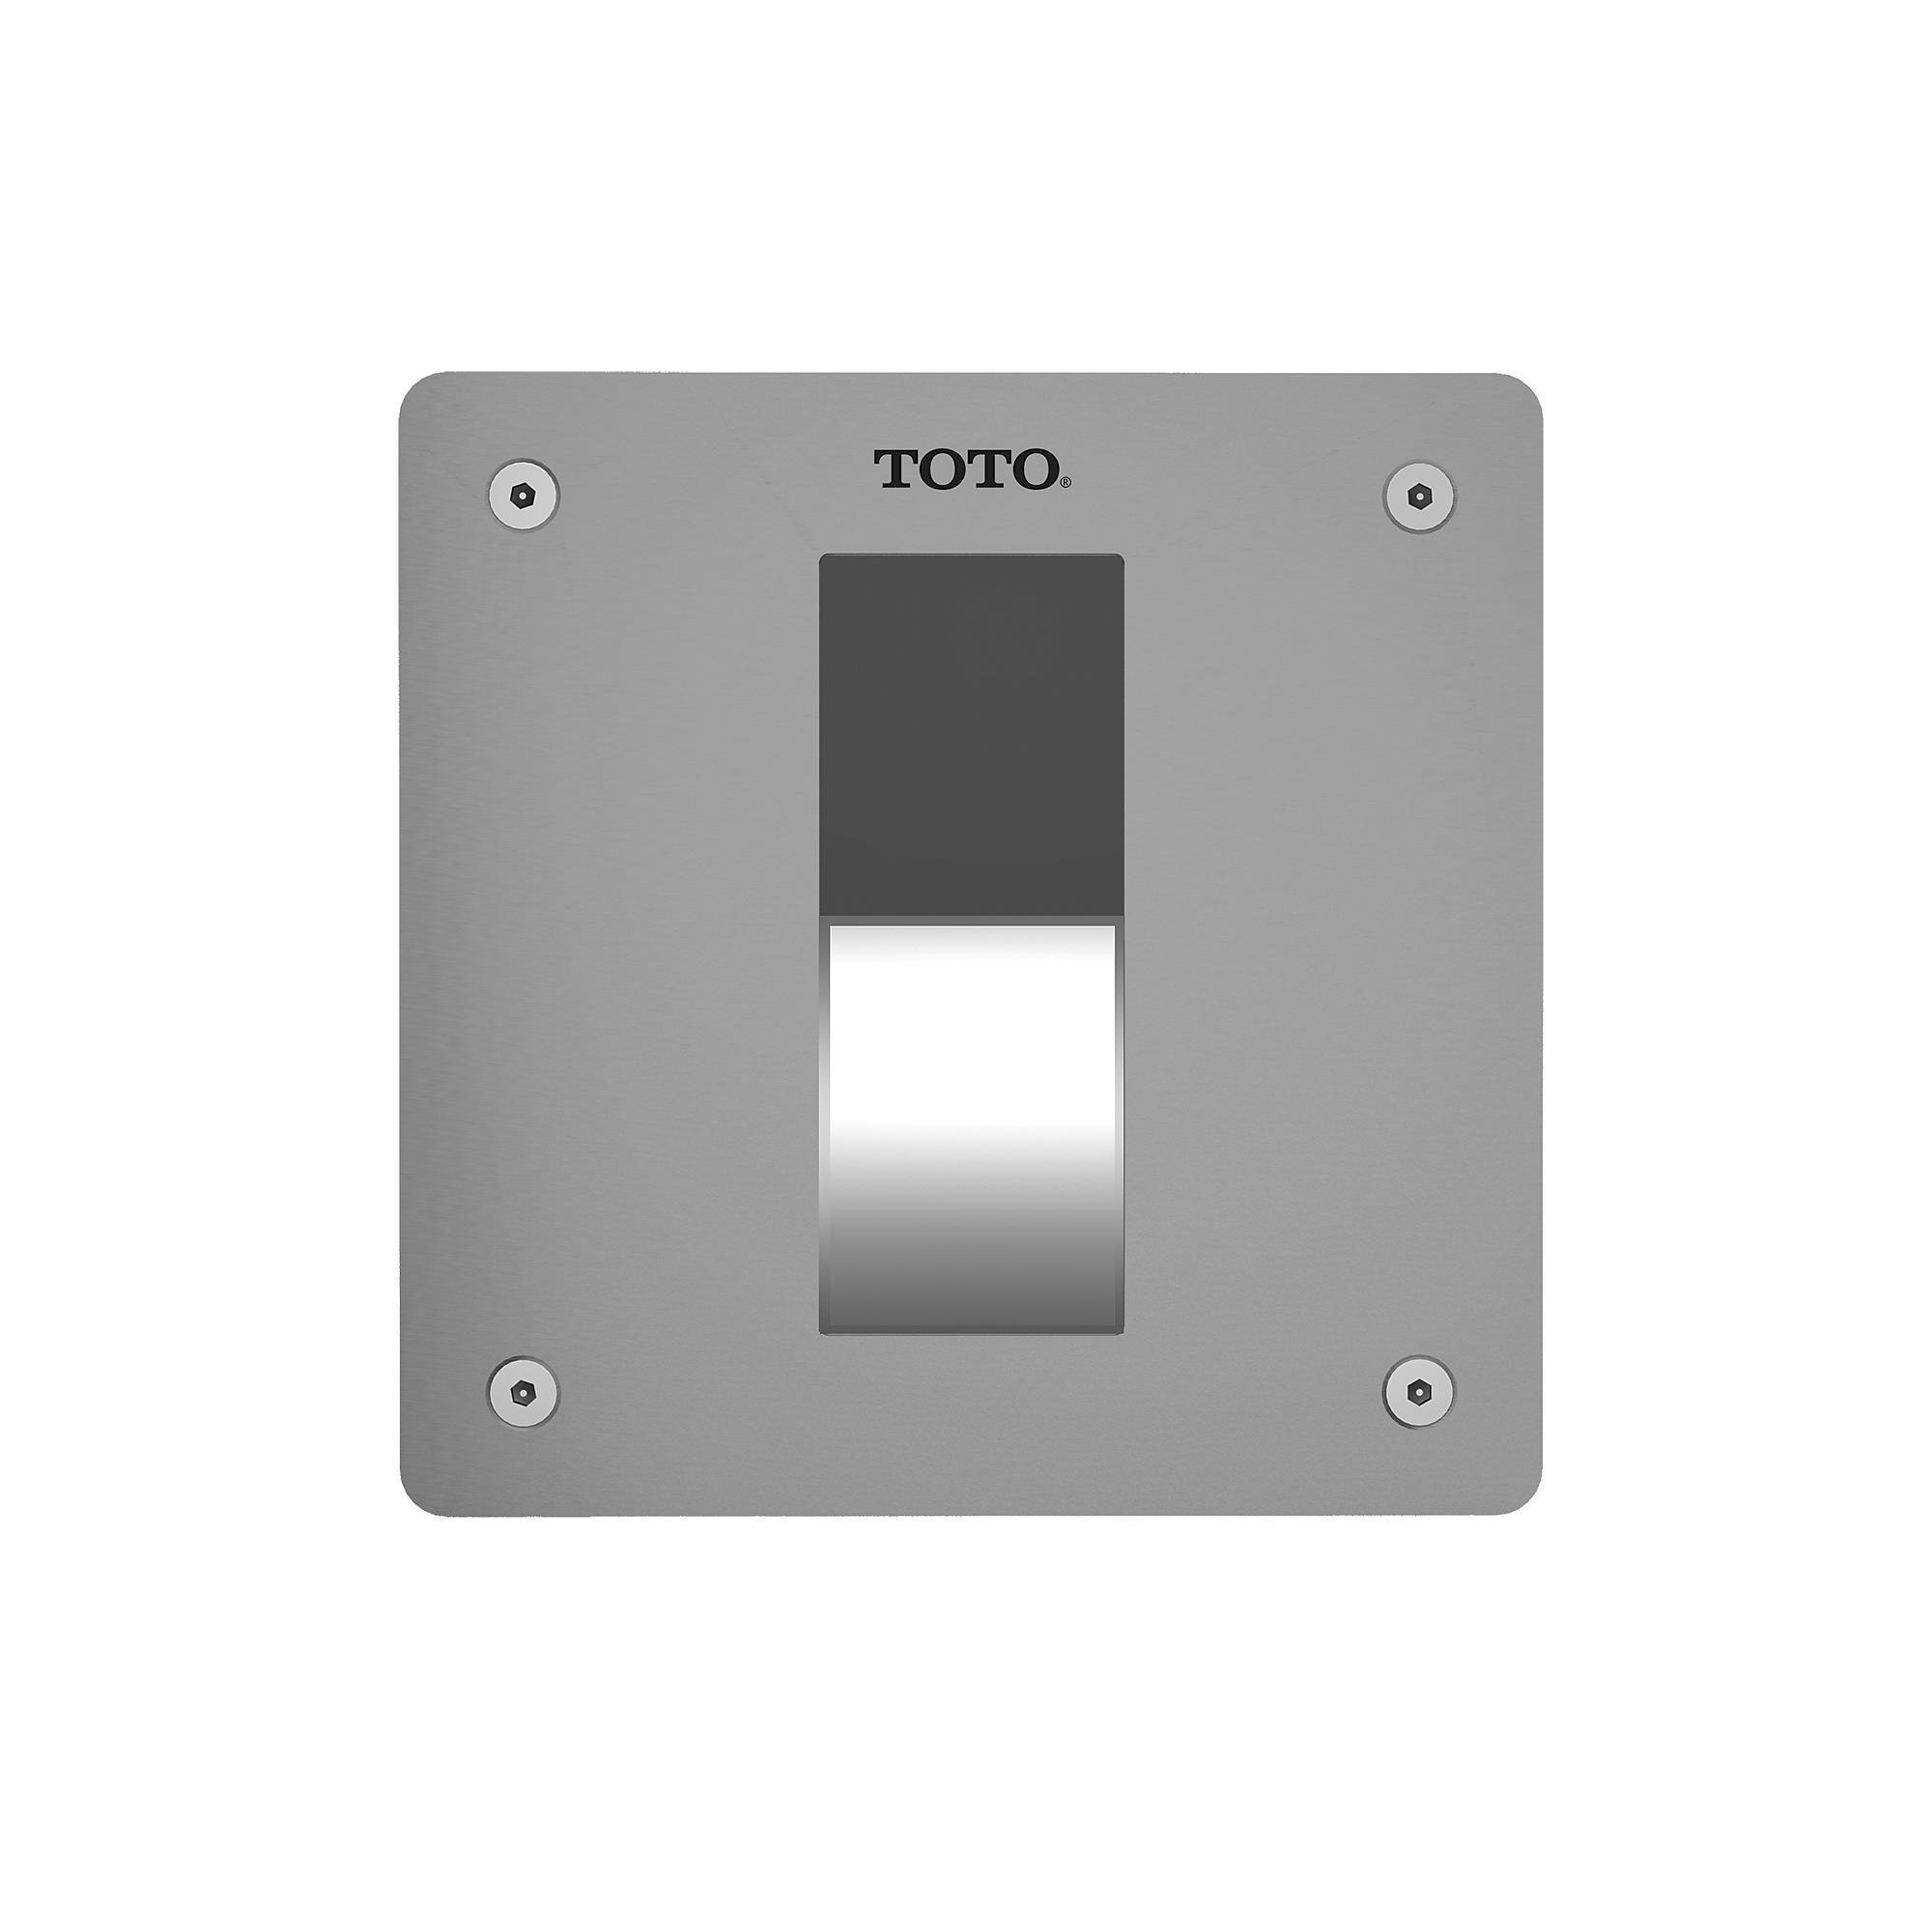 Tet3ga32 ss ecopower  concealed toilet flush valve 4 x4    1 6 gpf  v b  set   top spud  0